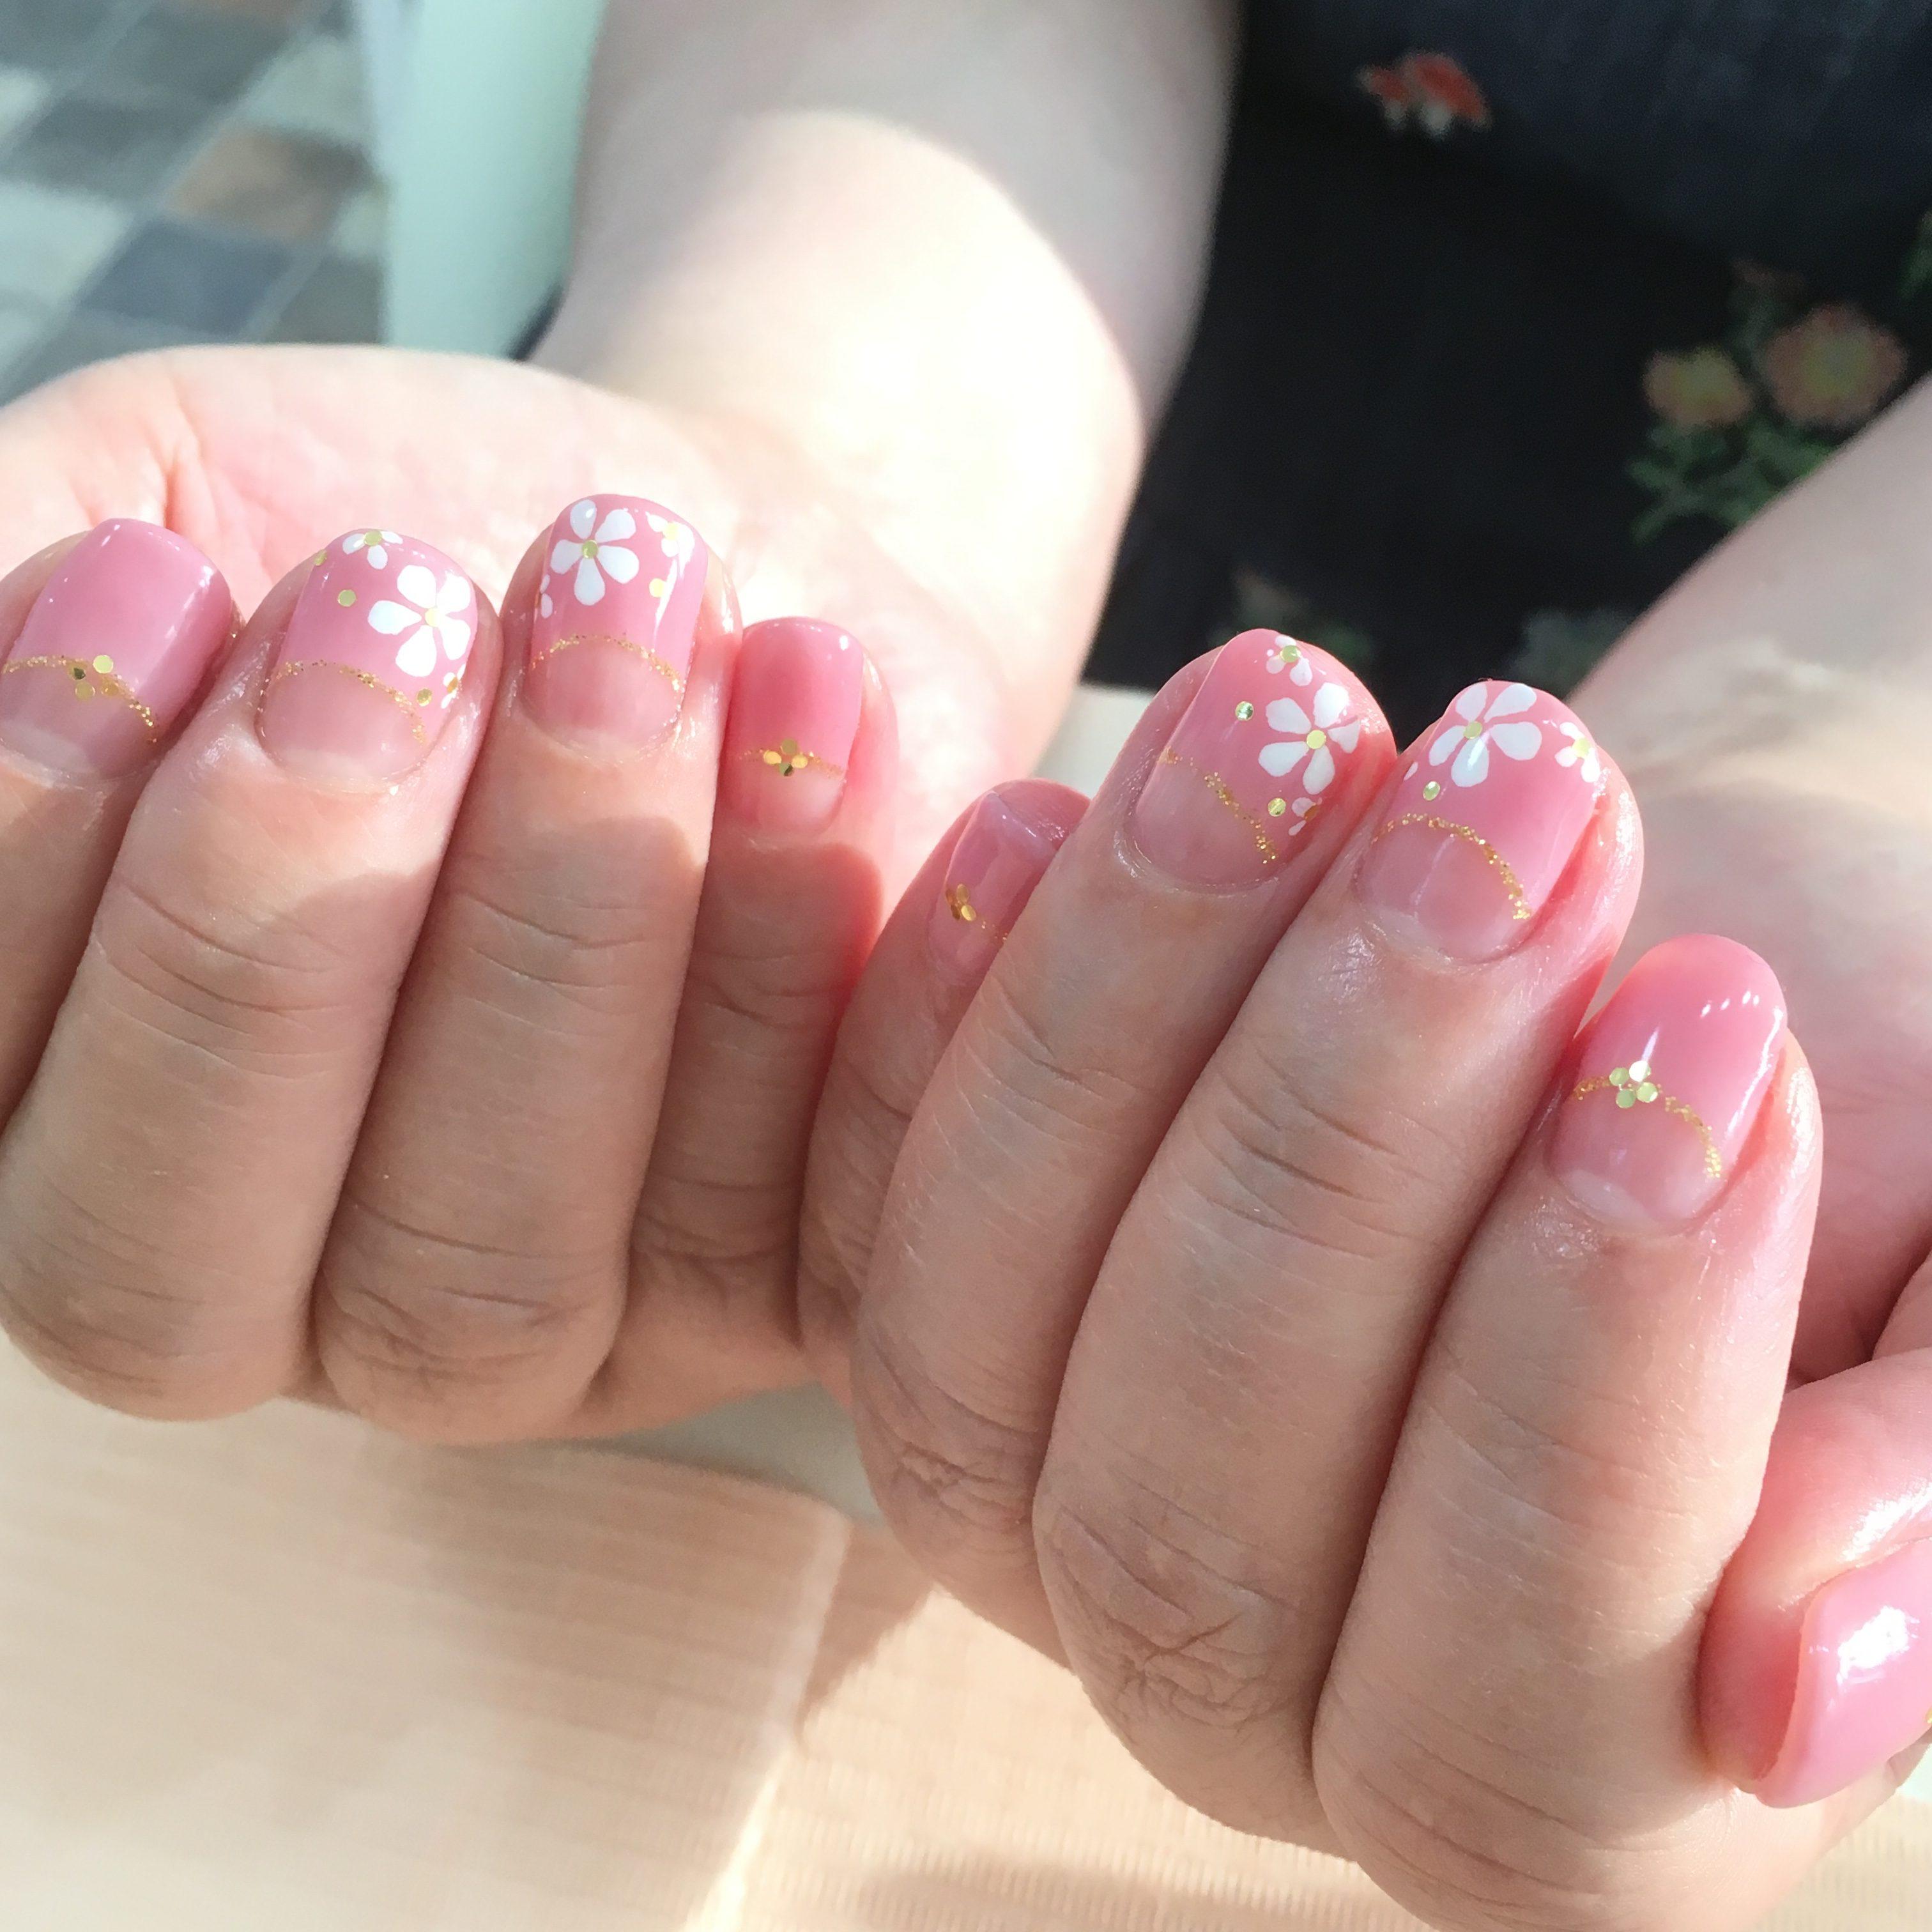 さいたま 爪・手肌をケアするネイルサロン クオーレ(大人の女性のコミュニティーサロン)